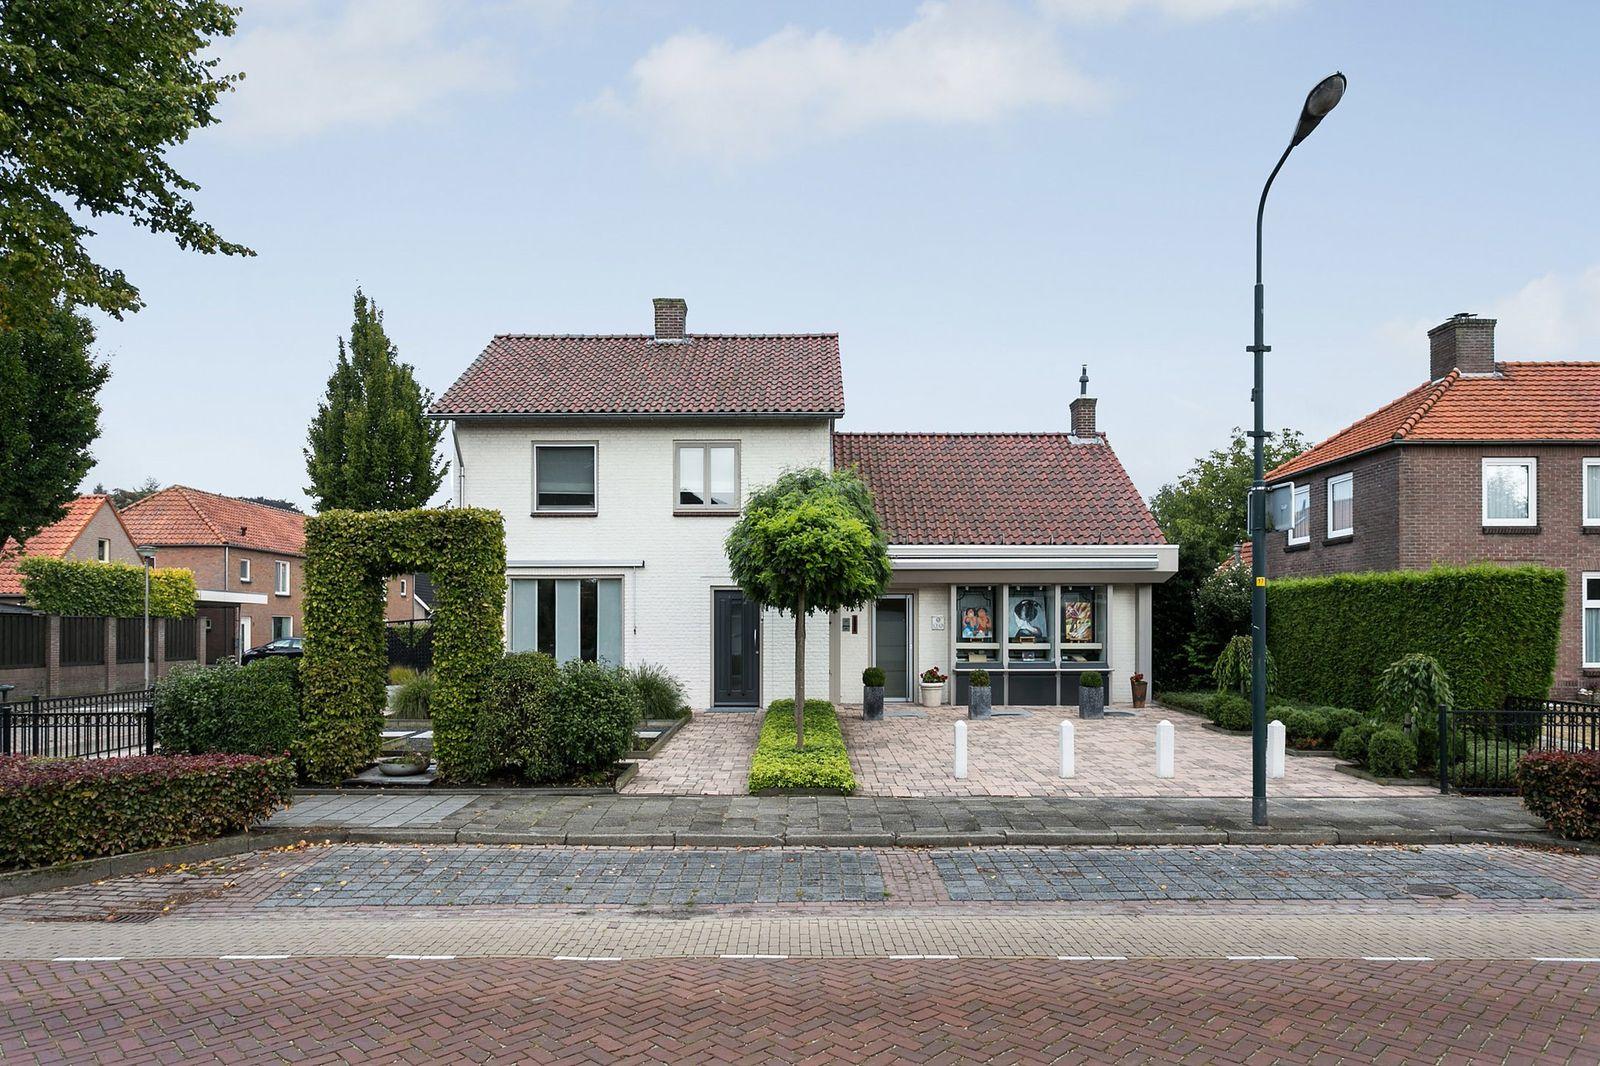 Nieuwstraat 44, Hapert